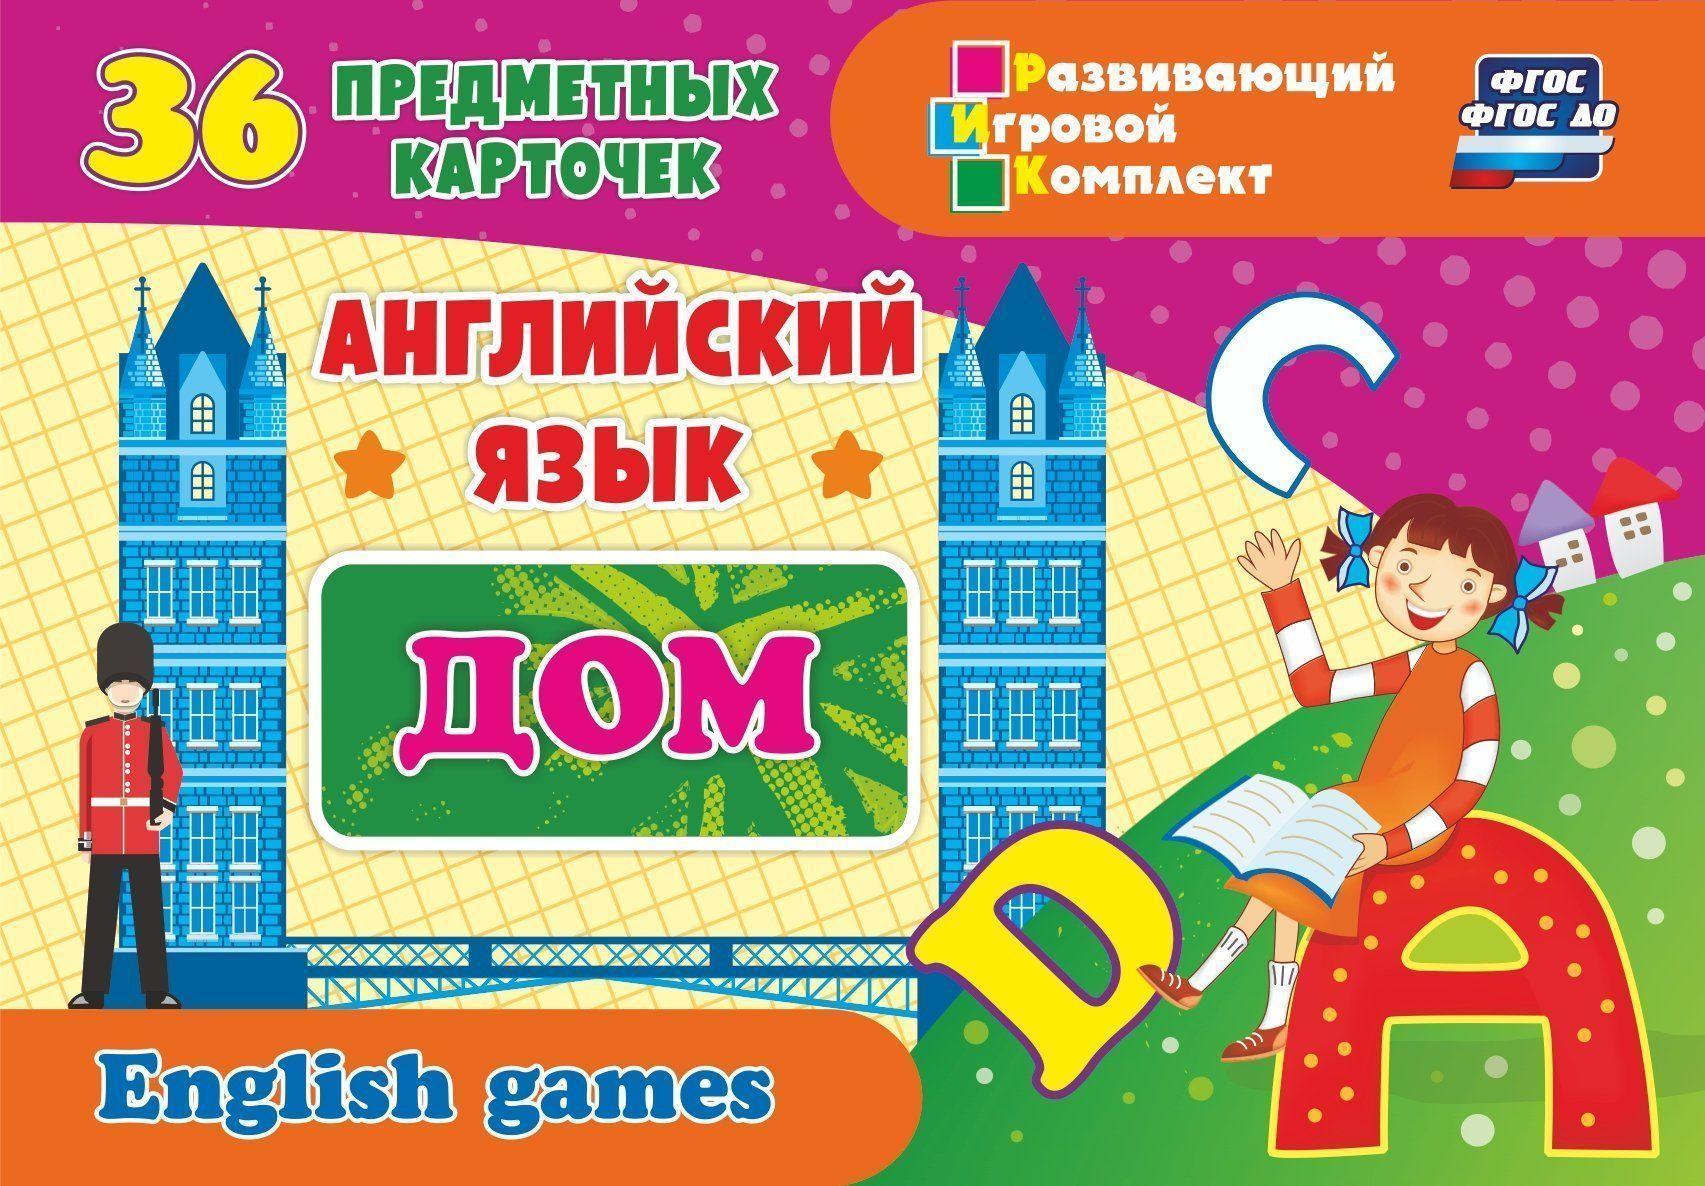 Купить со скидкой Английский язык. Дом: 36 предметных карточек, инструкция с играми